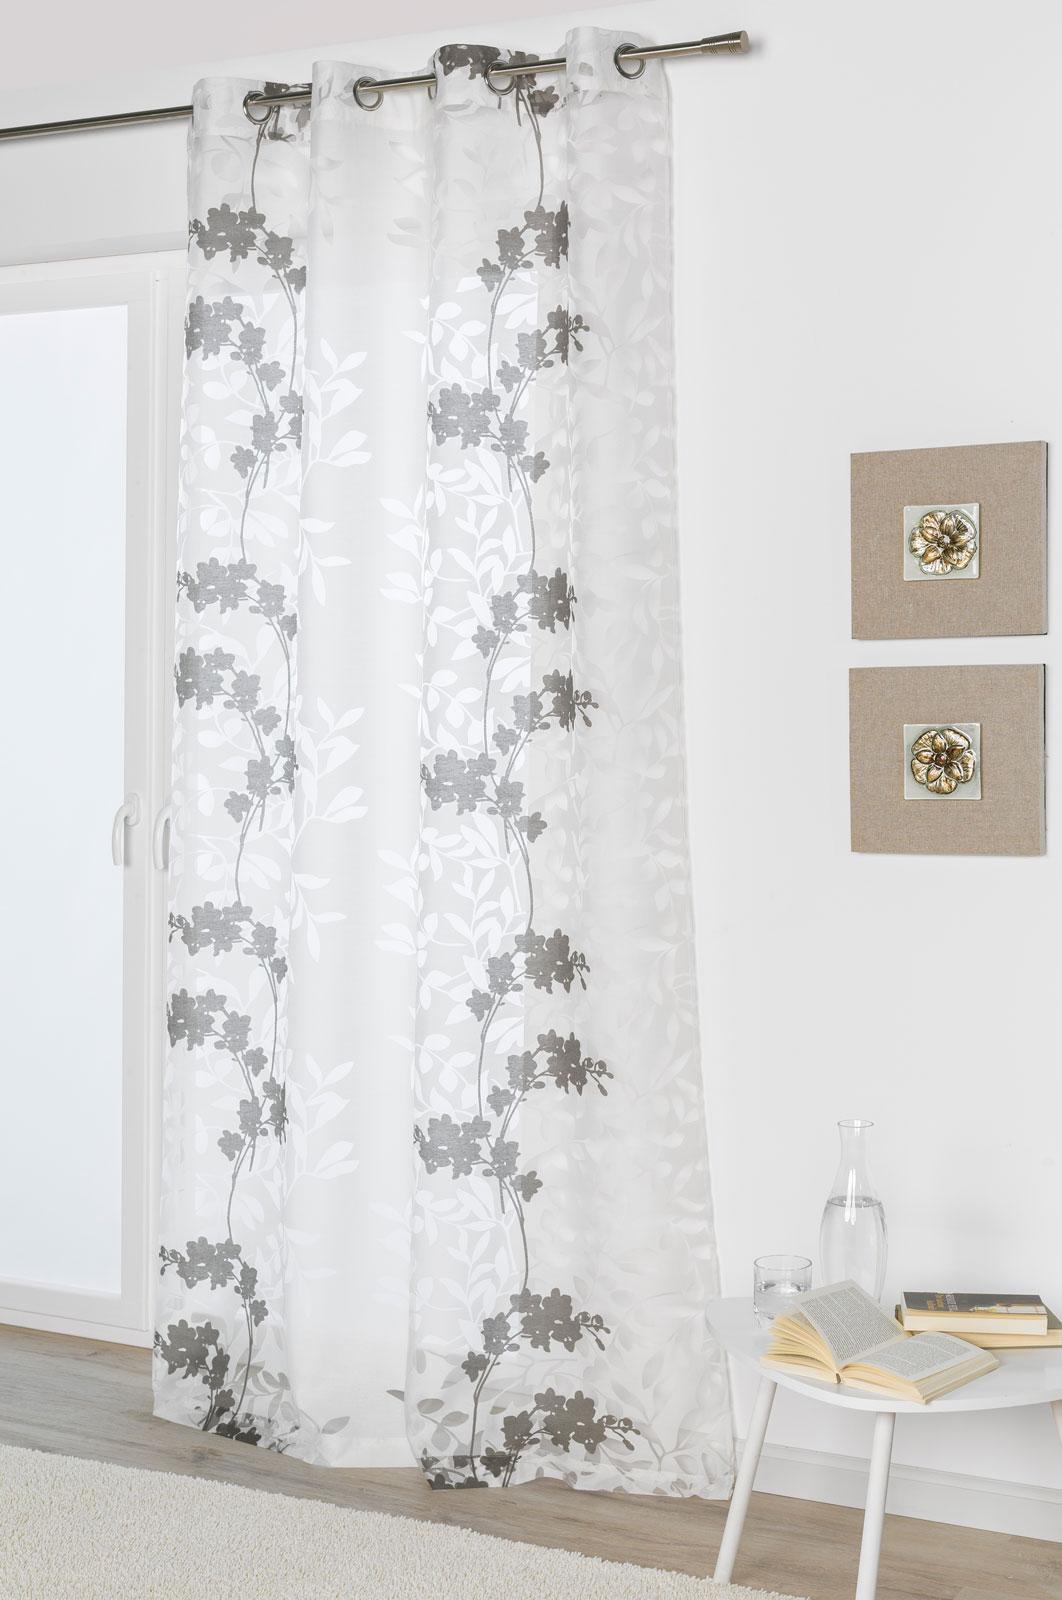 Gardinen und Vorhänge - Ösenschal Vorhang Gardine 135x245 Greta 300261  - Onlineshop PremiumShop321